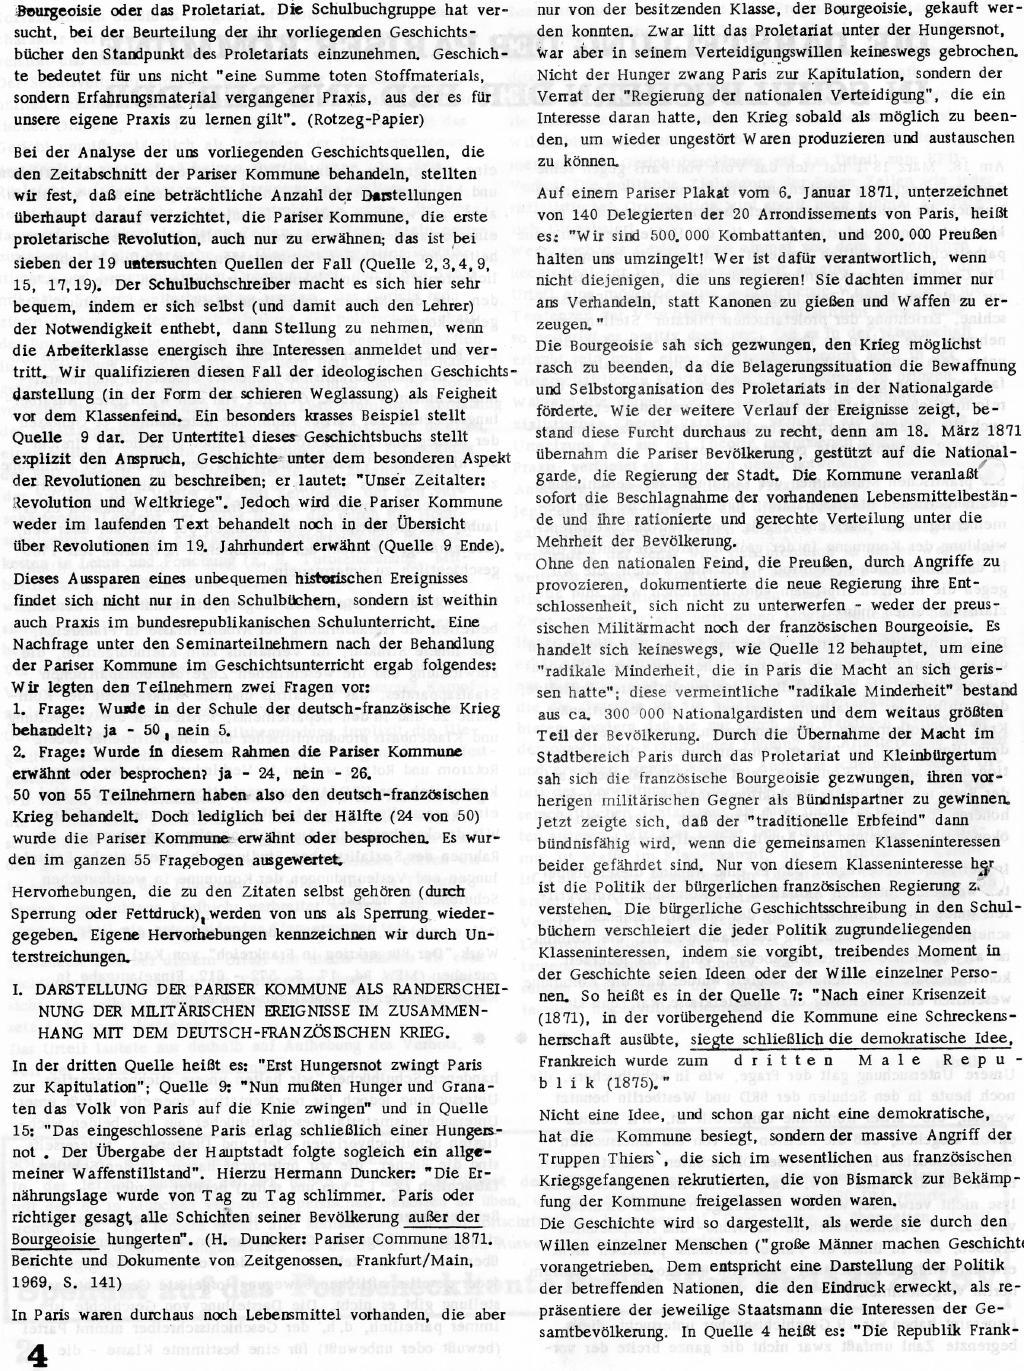 RPK_1971_107_04